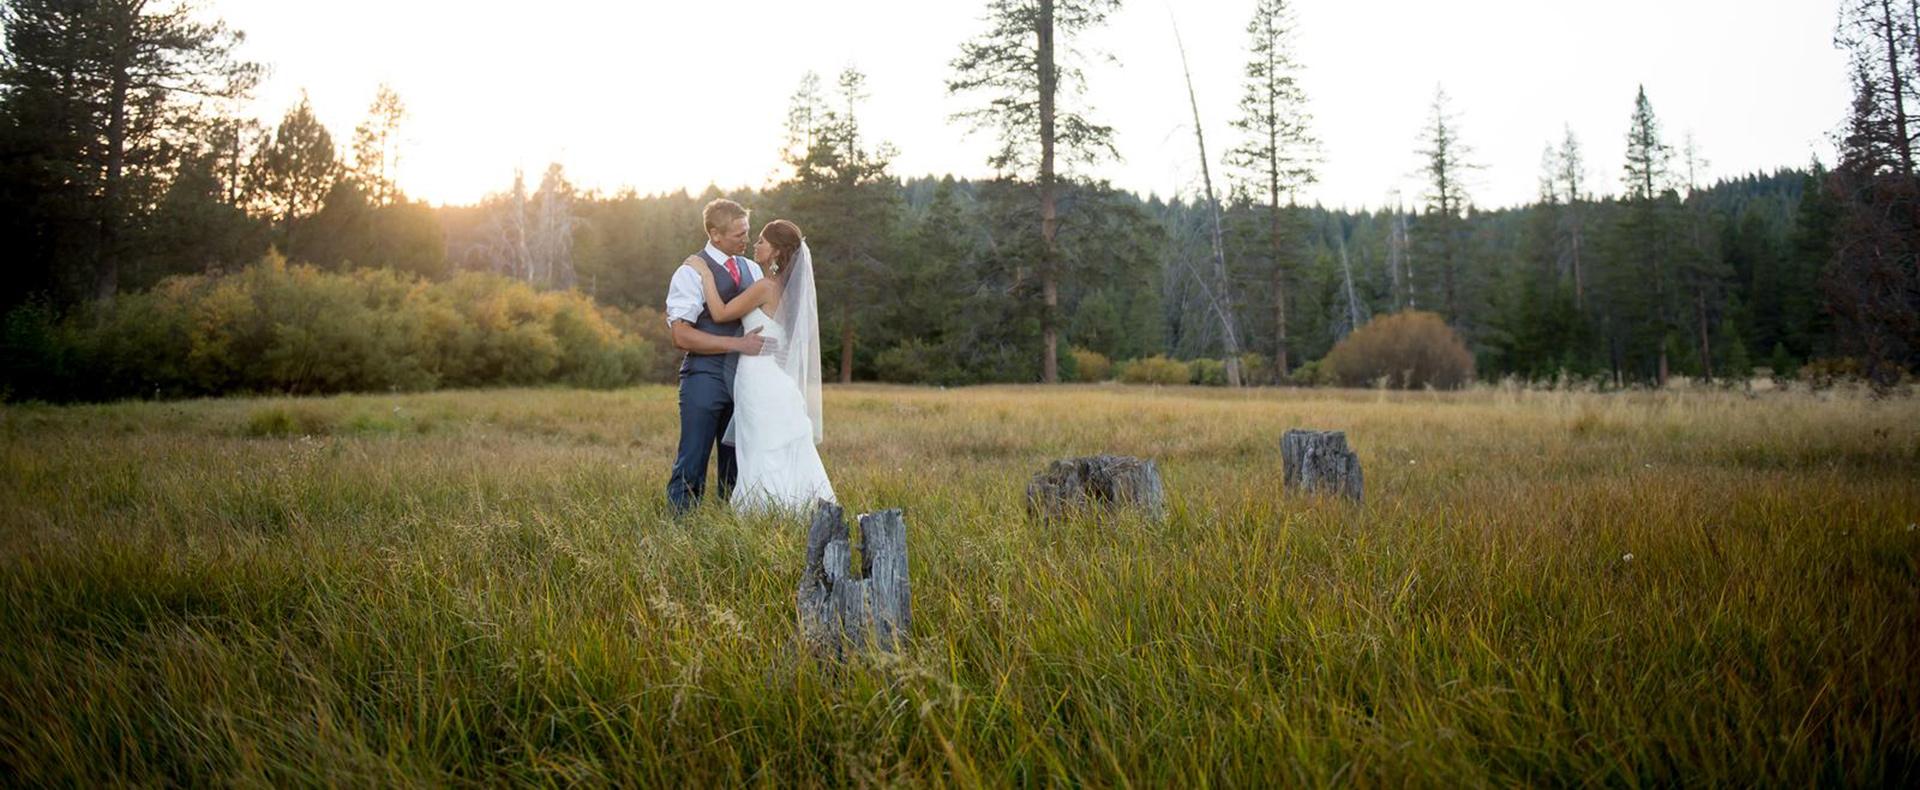 Wedding_Evantide_1644_46284 image